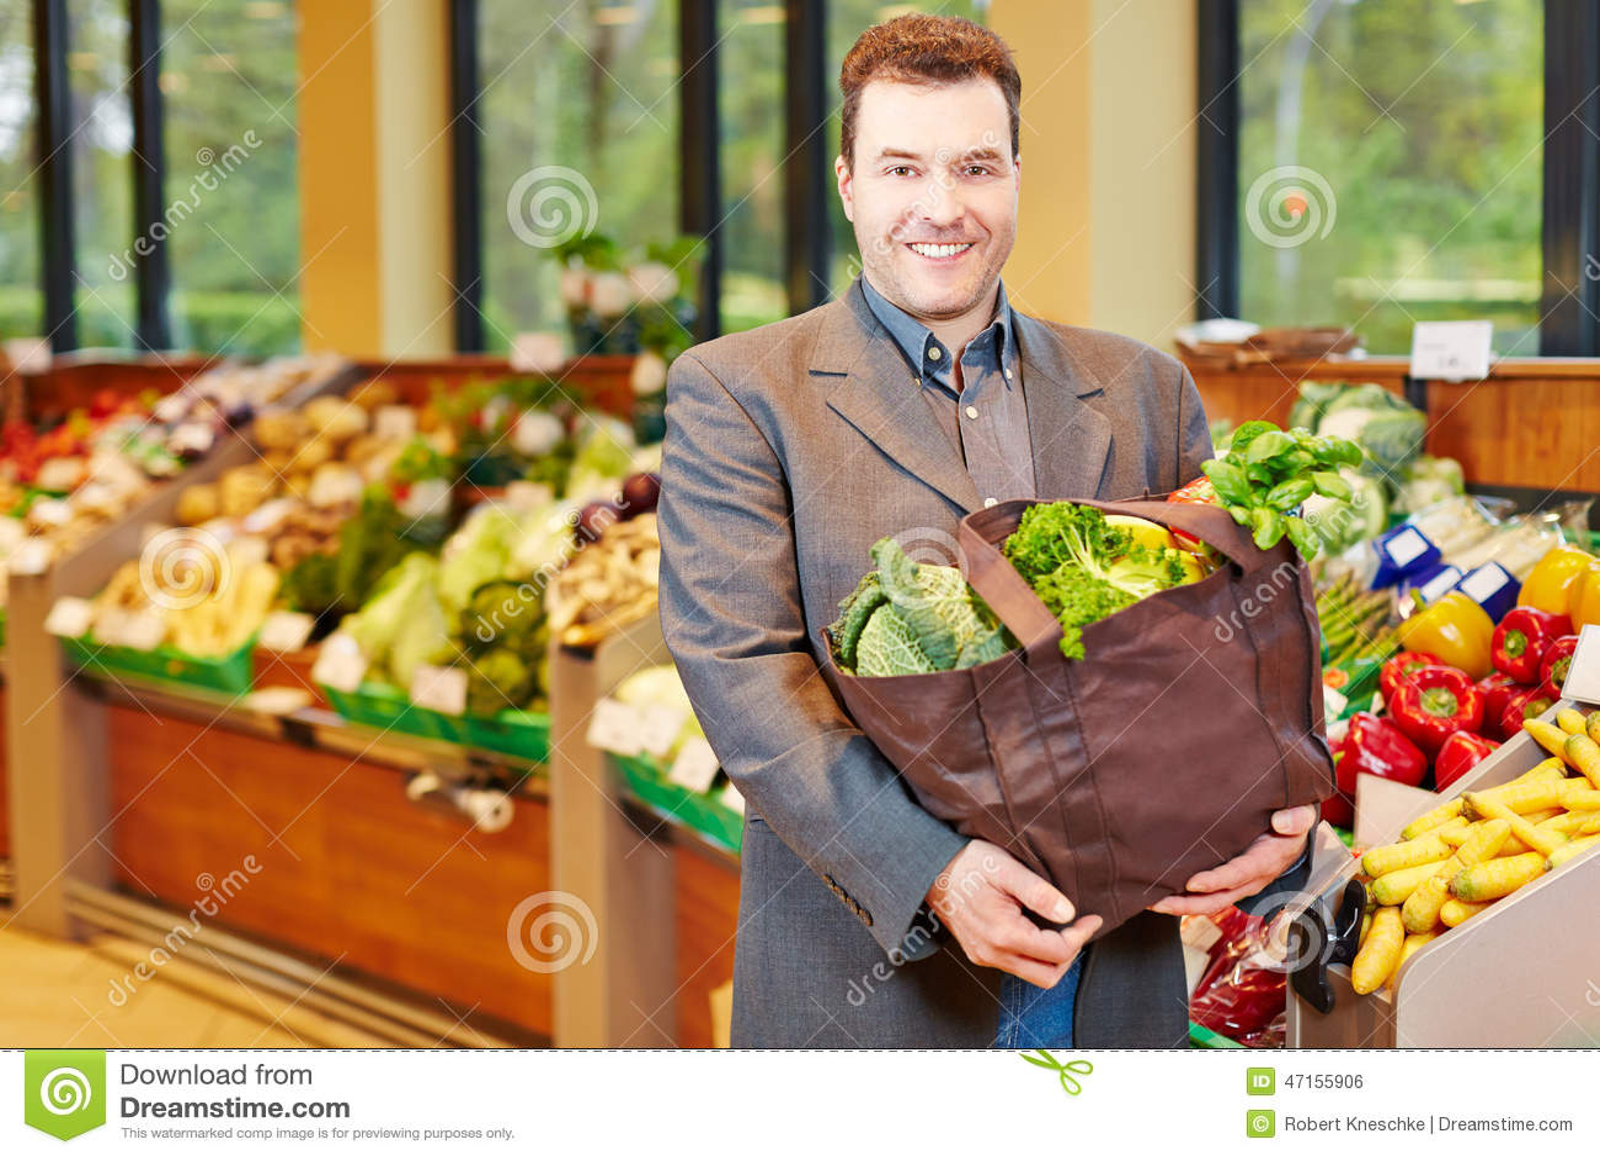 Compras del hombre para las verduras en supermercado